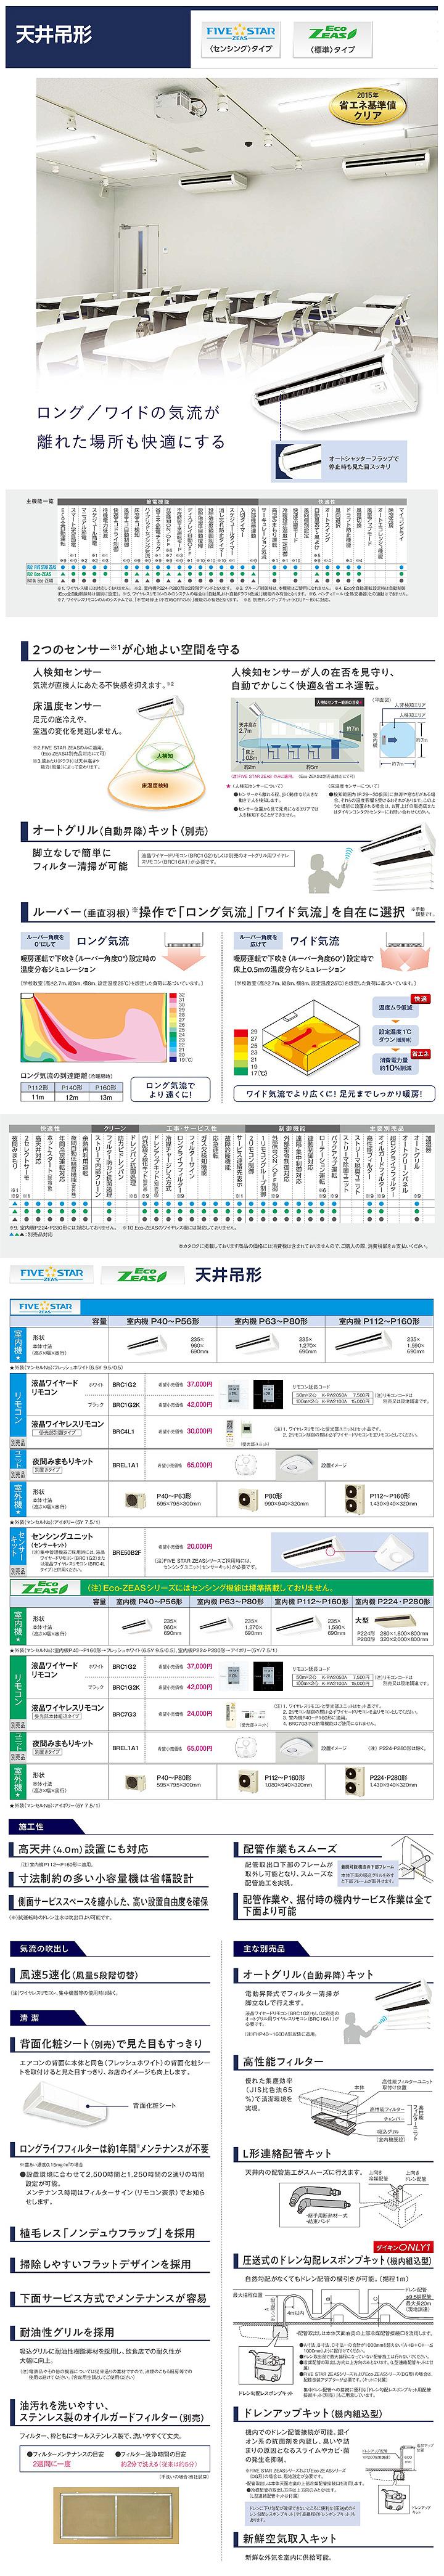 ダイキン SZRH140BCN 業務用エアコン